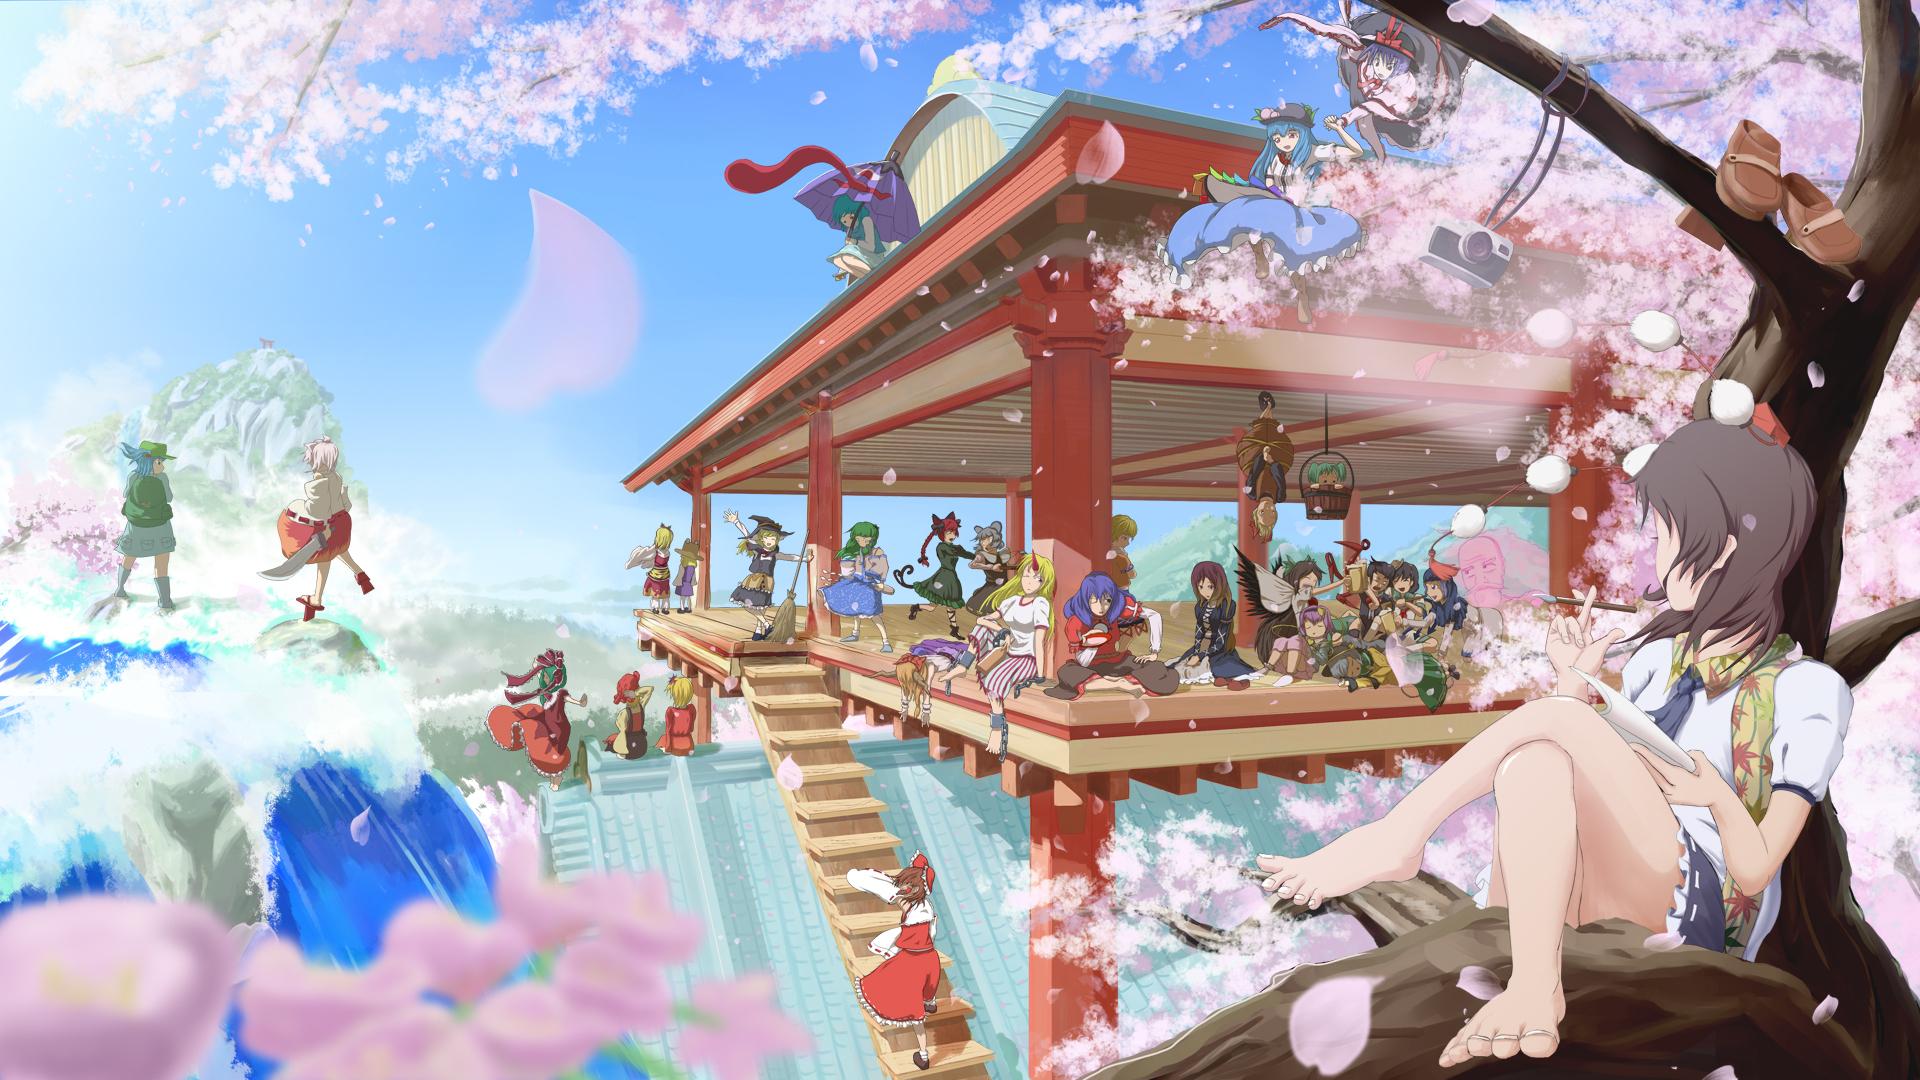 Девушка на балконе японское аниме  № 3866765 бесплатно